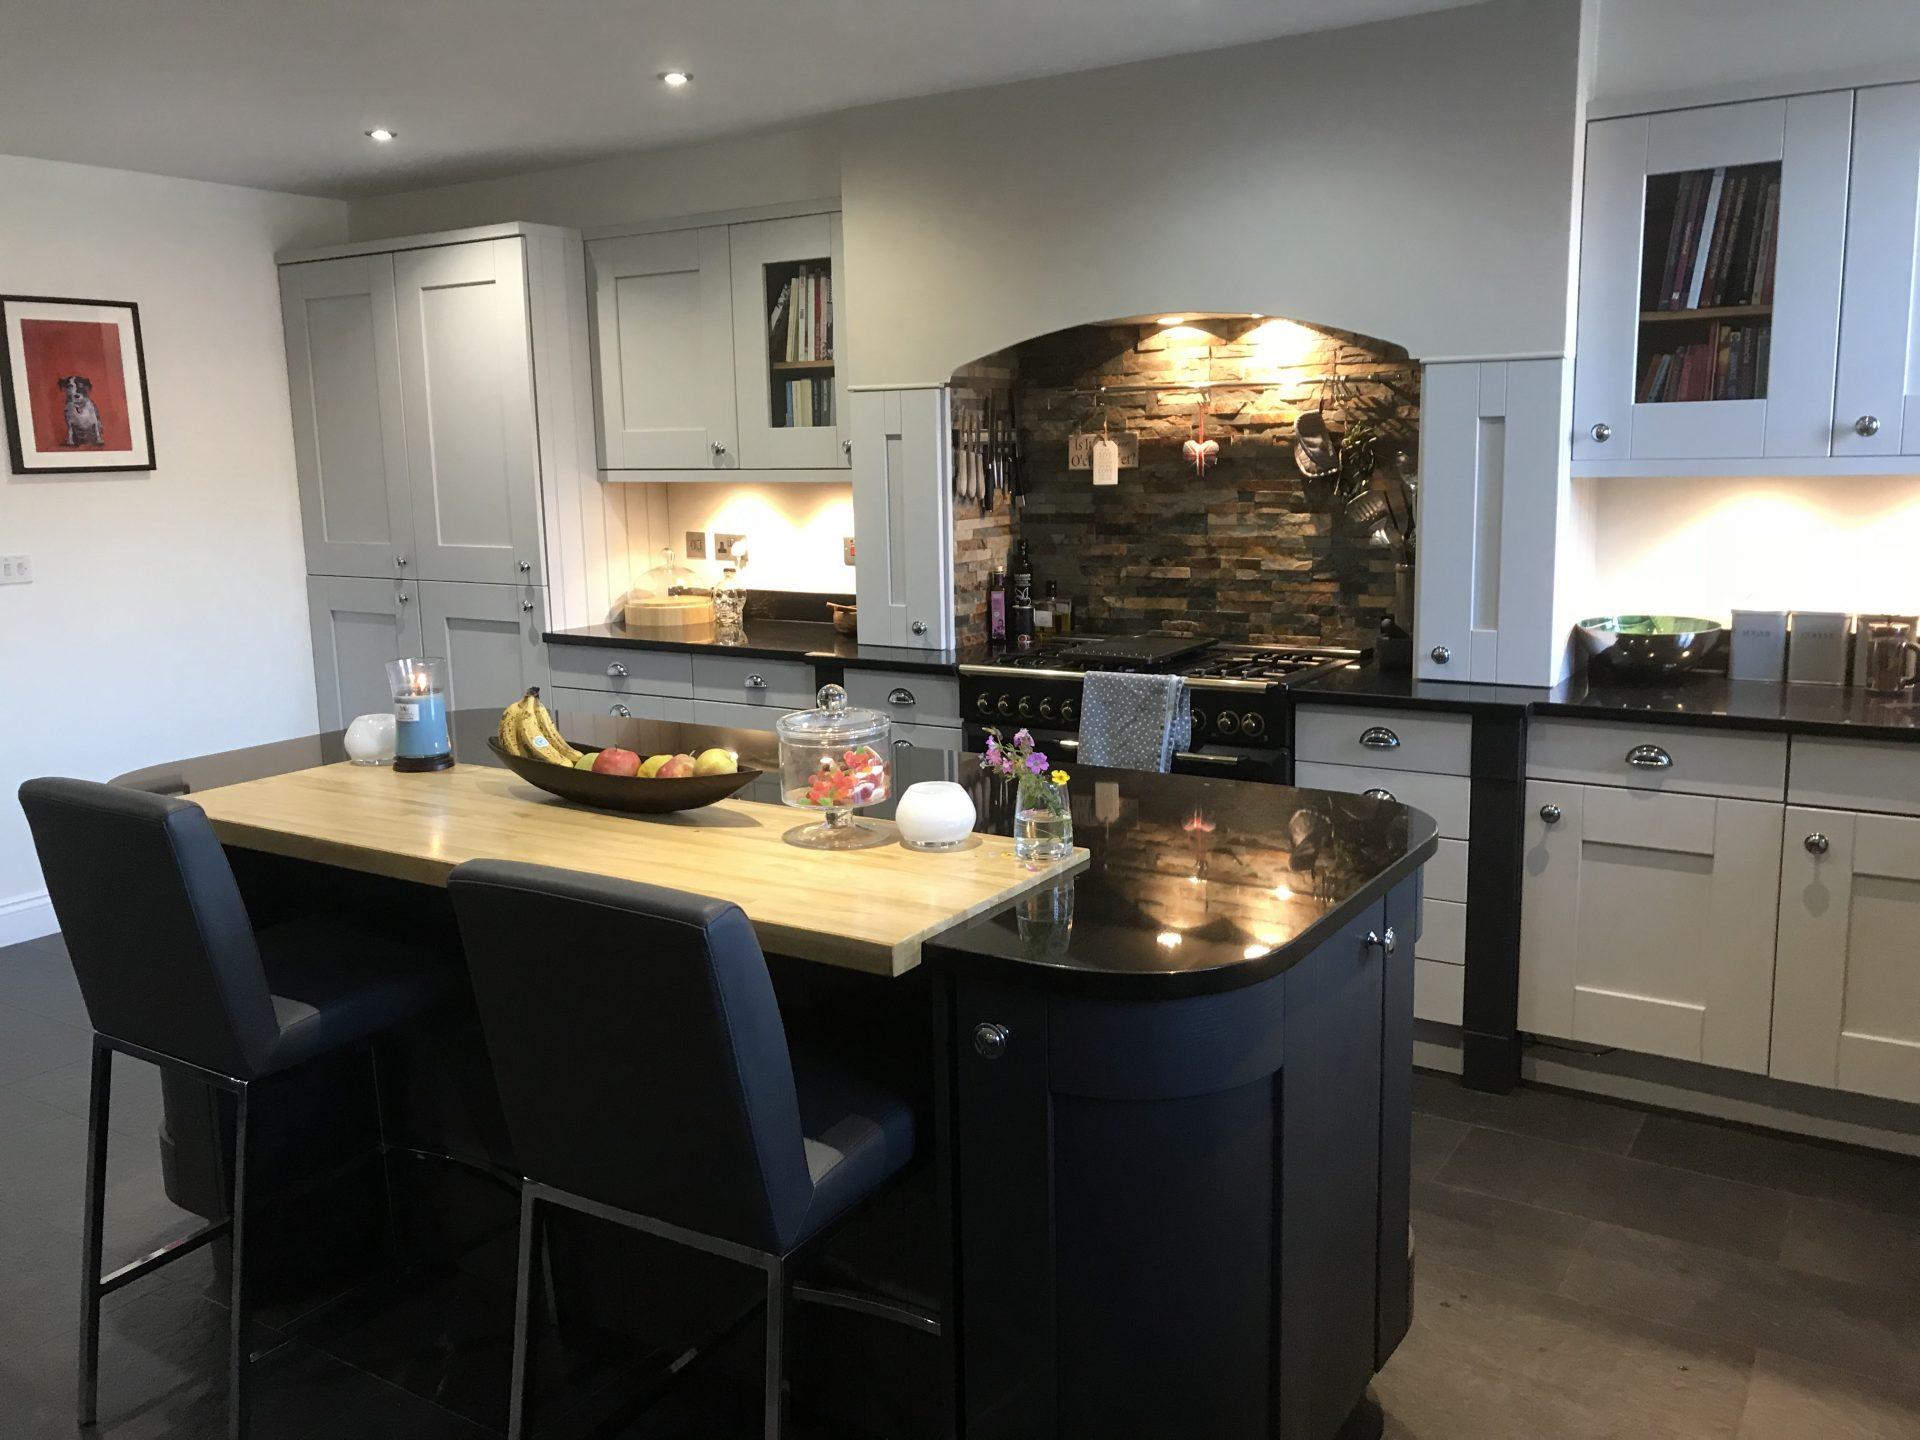 Classic Grey Graphite Kitchen With Island - Weston-Under-Lizard, Staffordshire